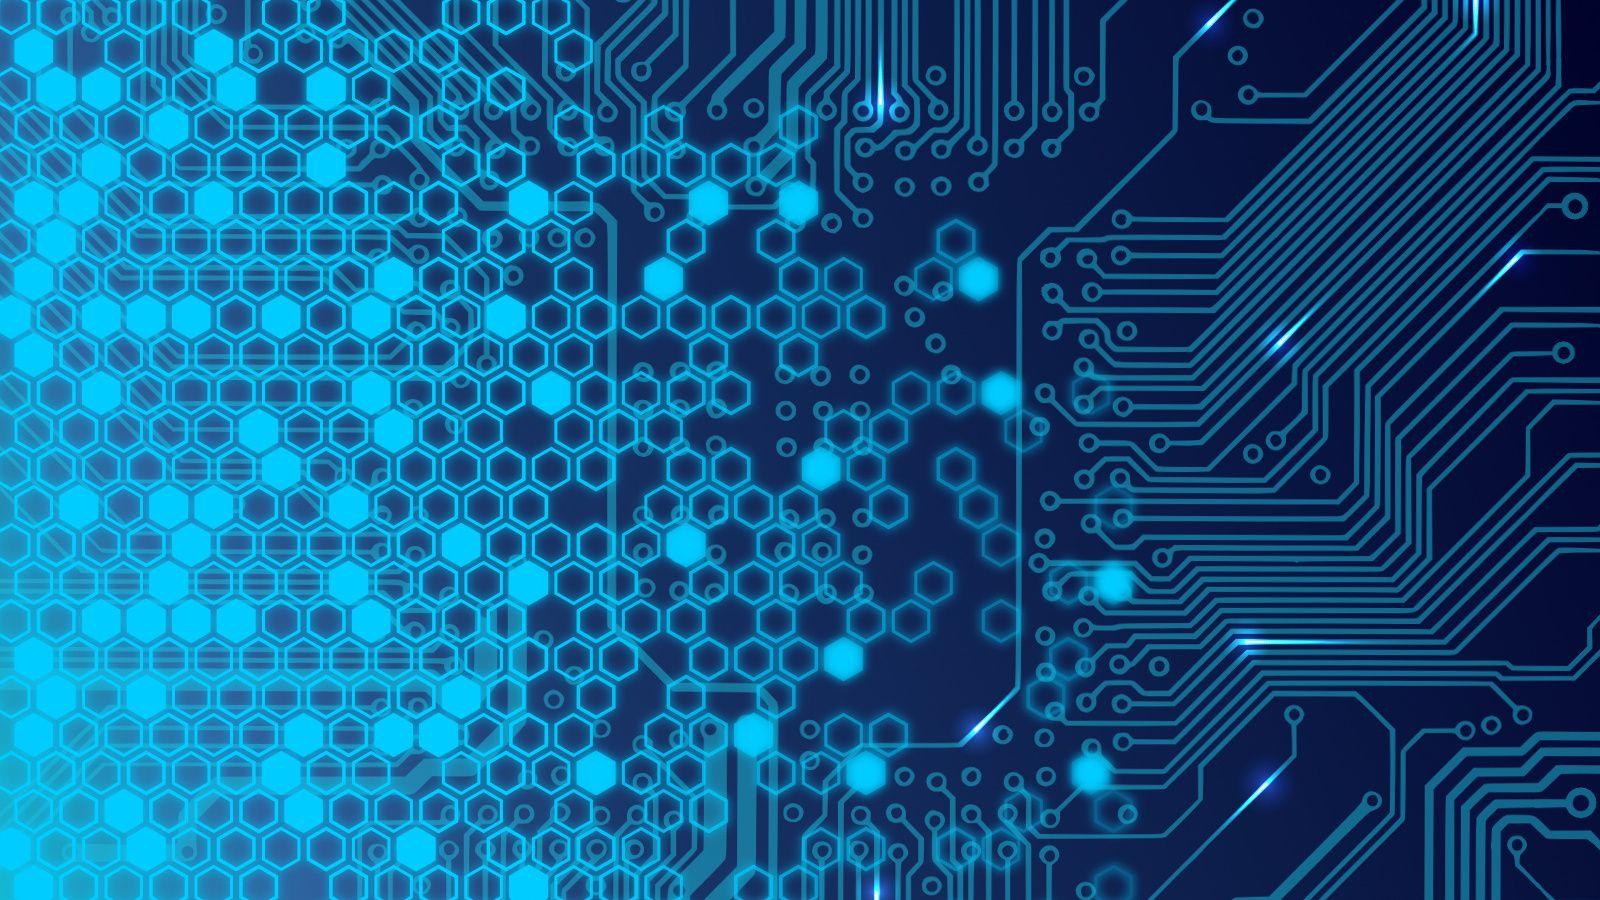 High Tech Abstract Wallpaper 30896 1600x900 px HDWallSourcecom 1600x900